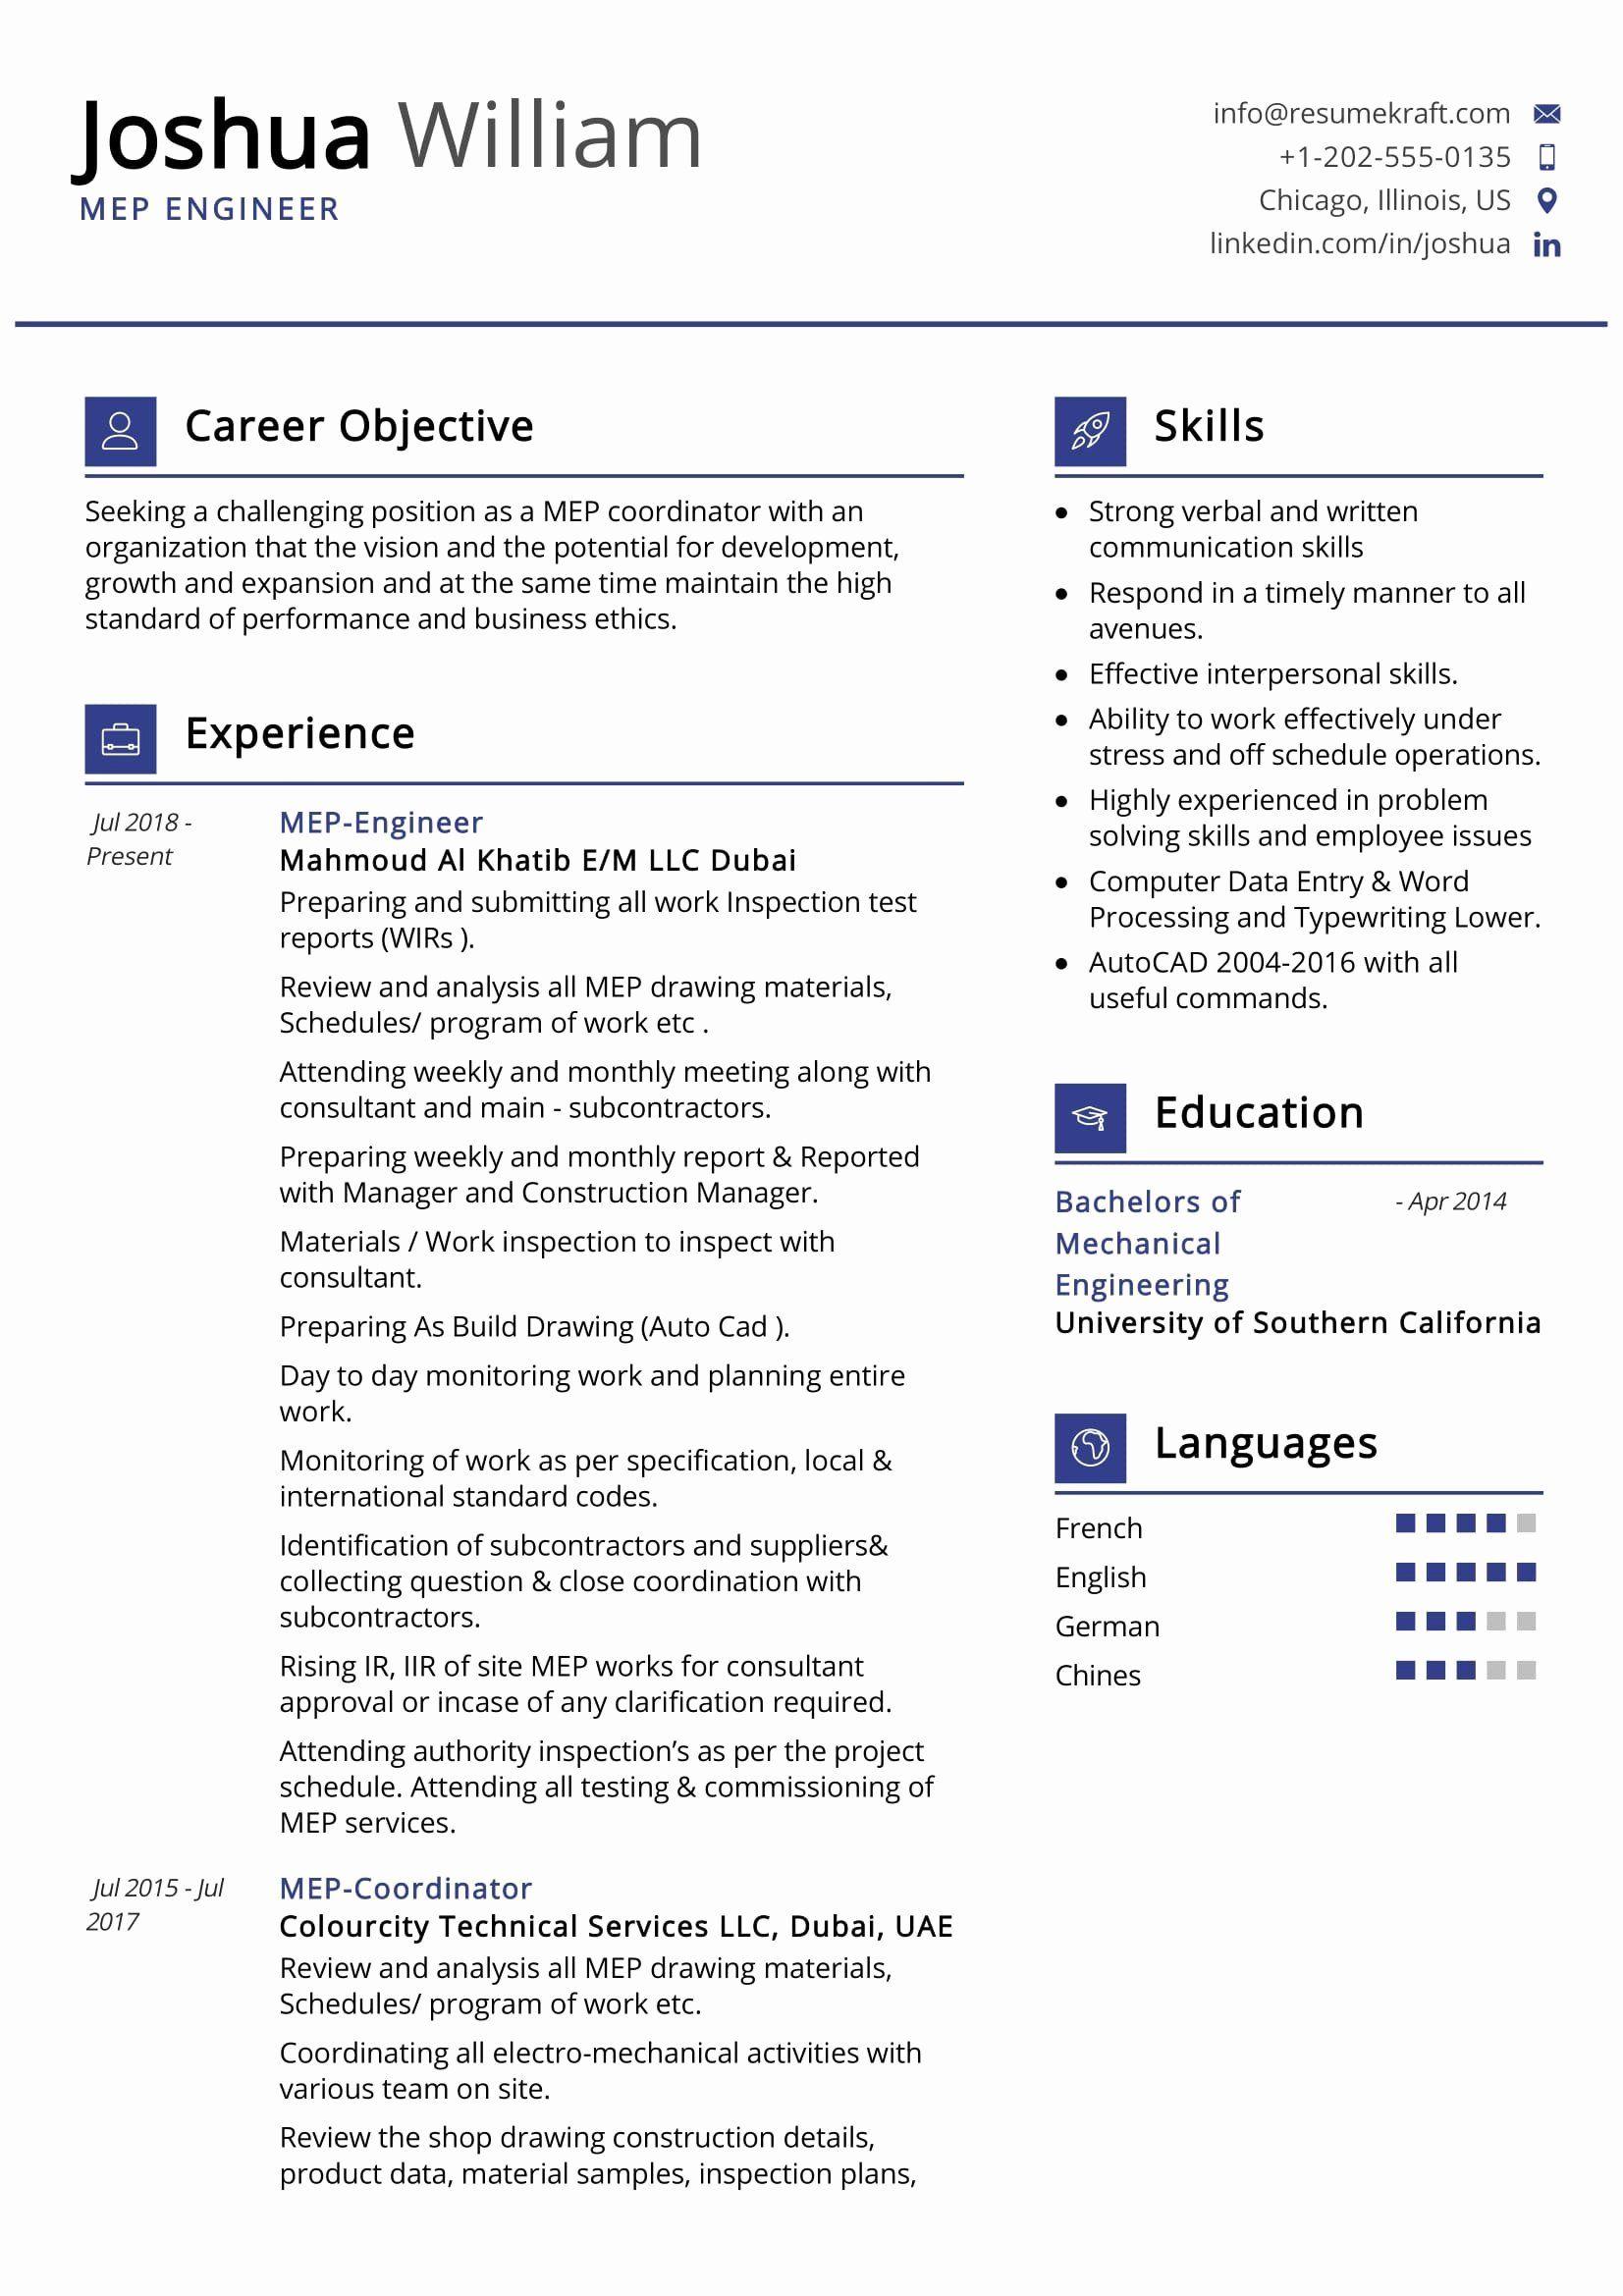 Electrical Engineer Resume Sample Best Of Mep Engineer Resume Sample Resumekraft In 2020 Engineering Resume Engineering Professional Resume Samples